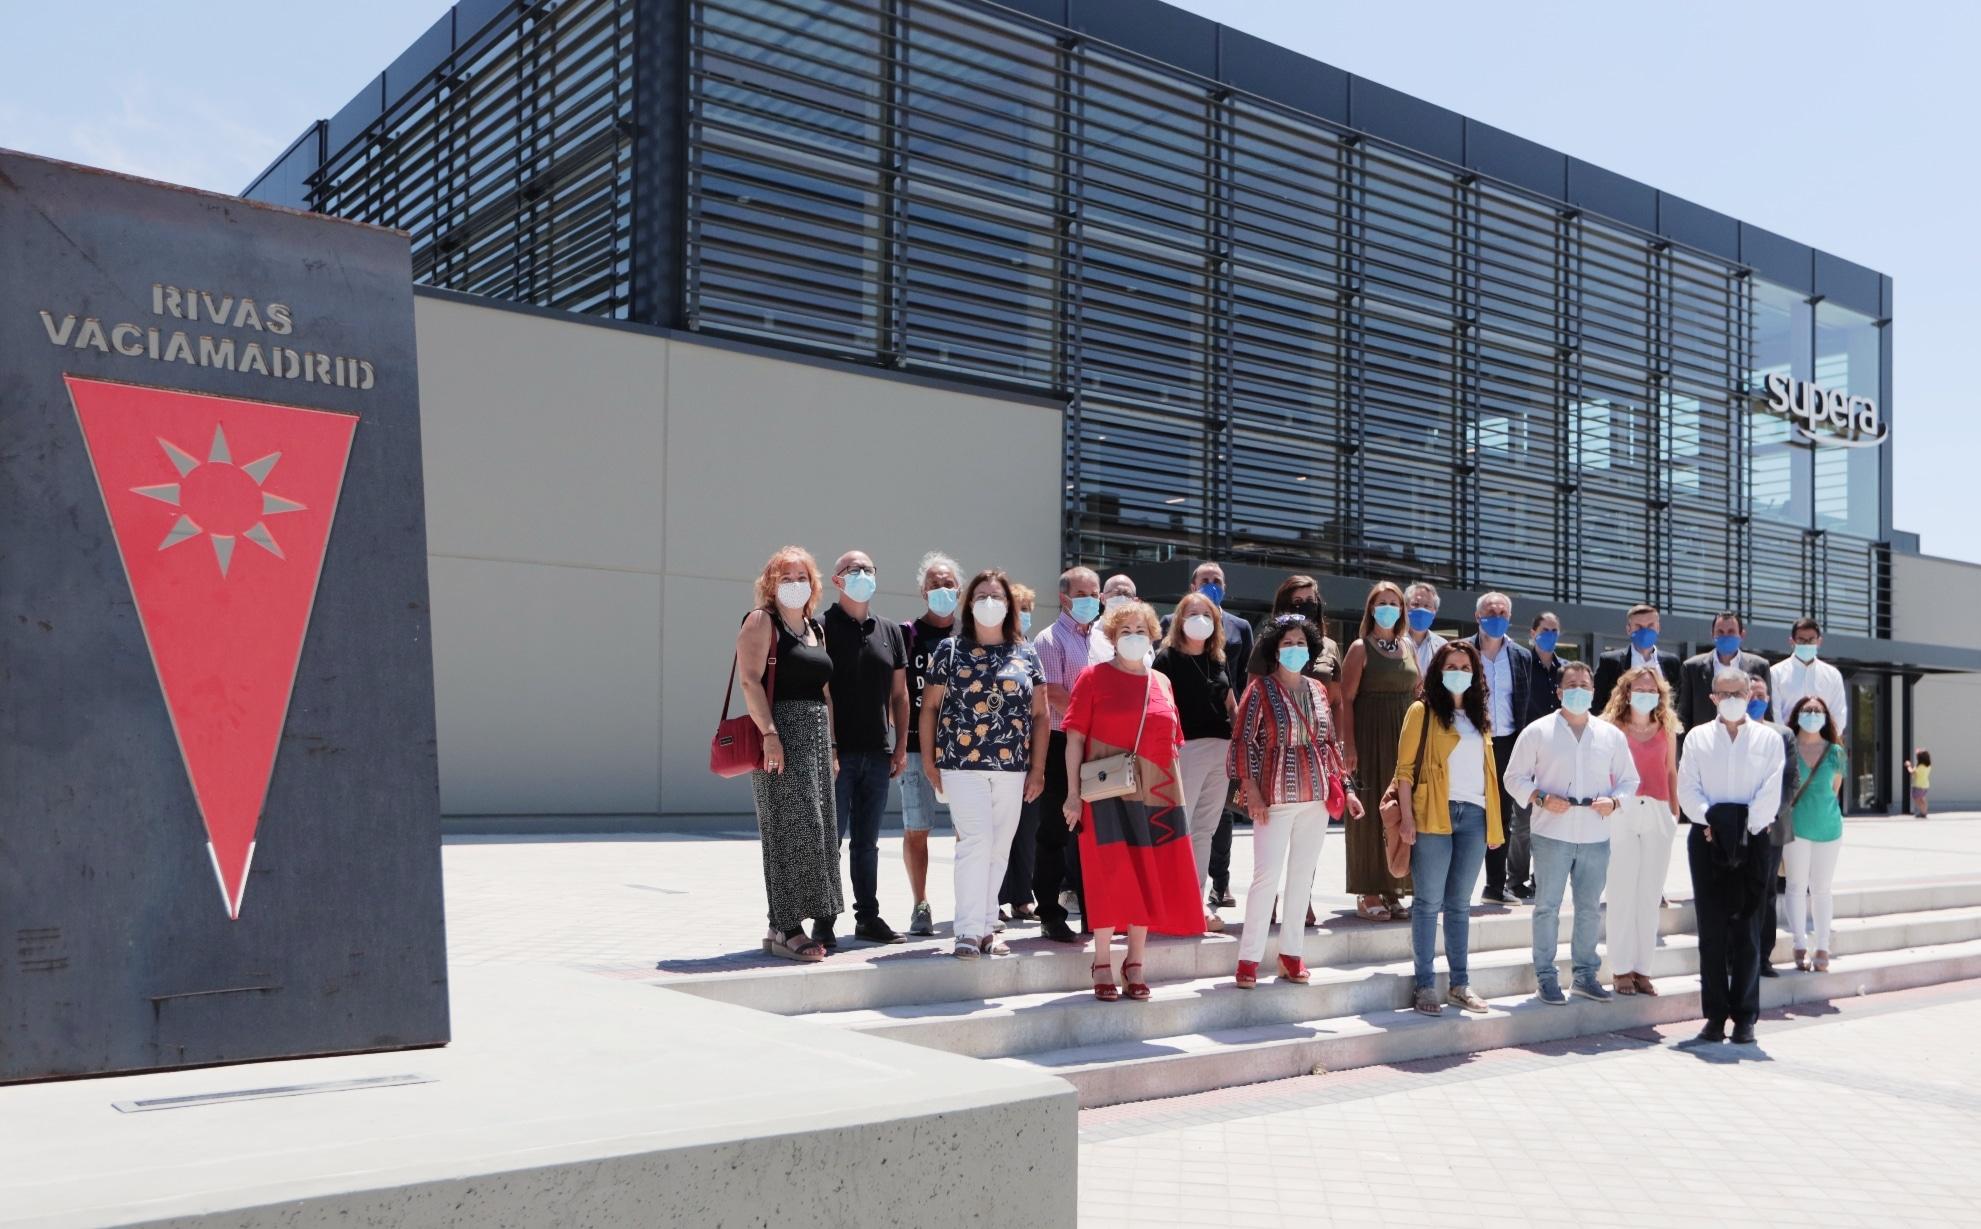 Inauguración del Centro Deportivo Supera Rivas La Luna (foto: Ayuntamiento de Rivas Vaciamadrid)